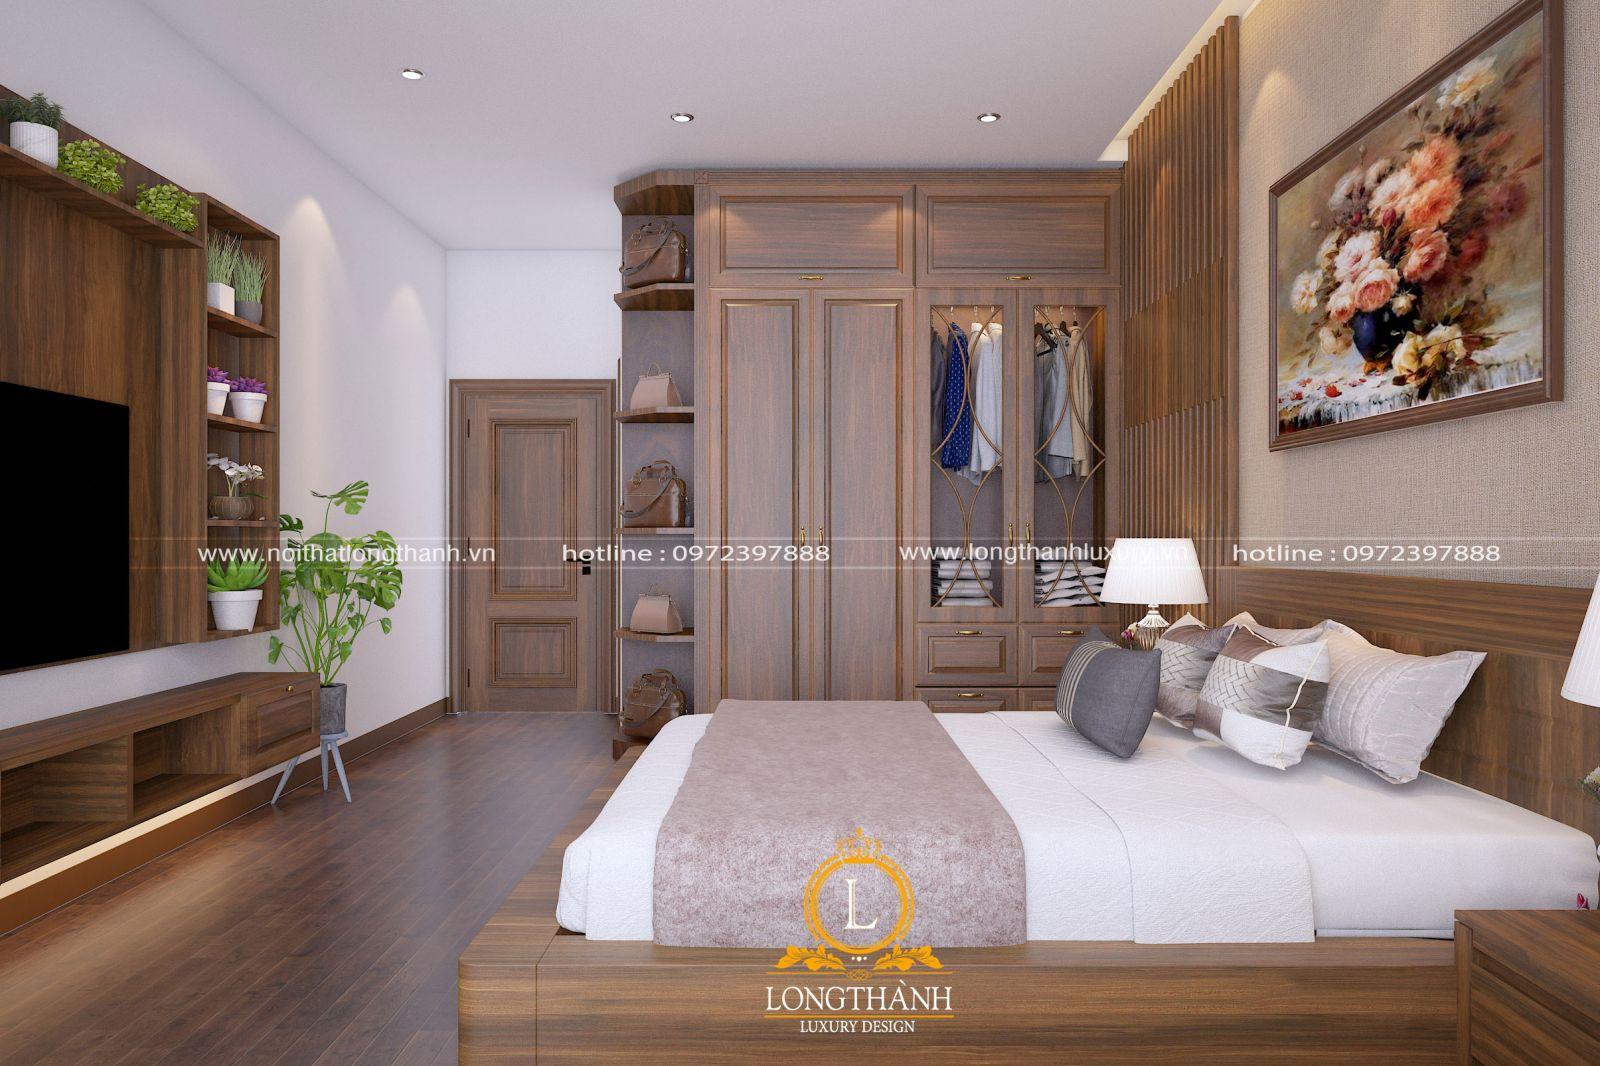 Phòng ngủ đơn giản nhưng cũng đầy đủ tiện nghi